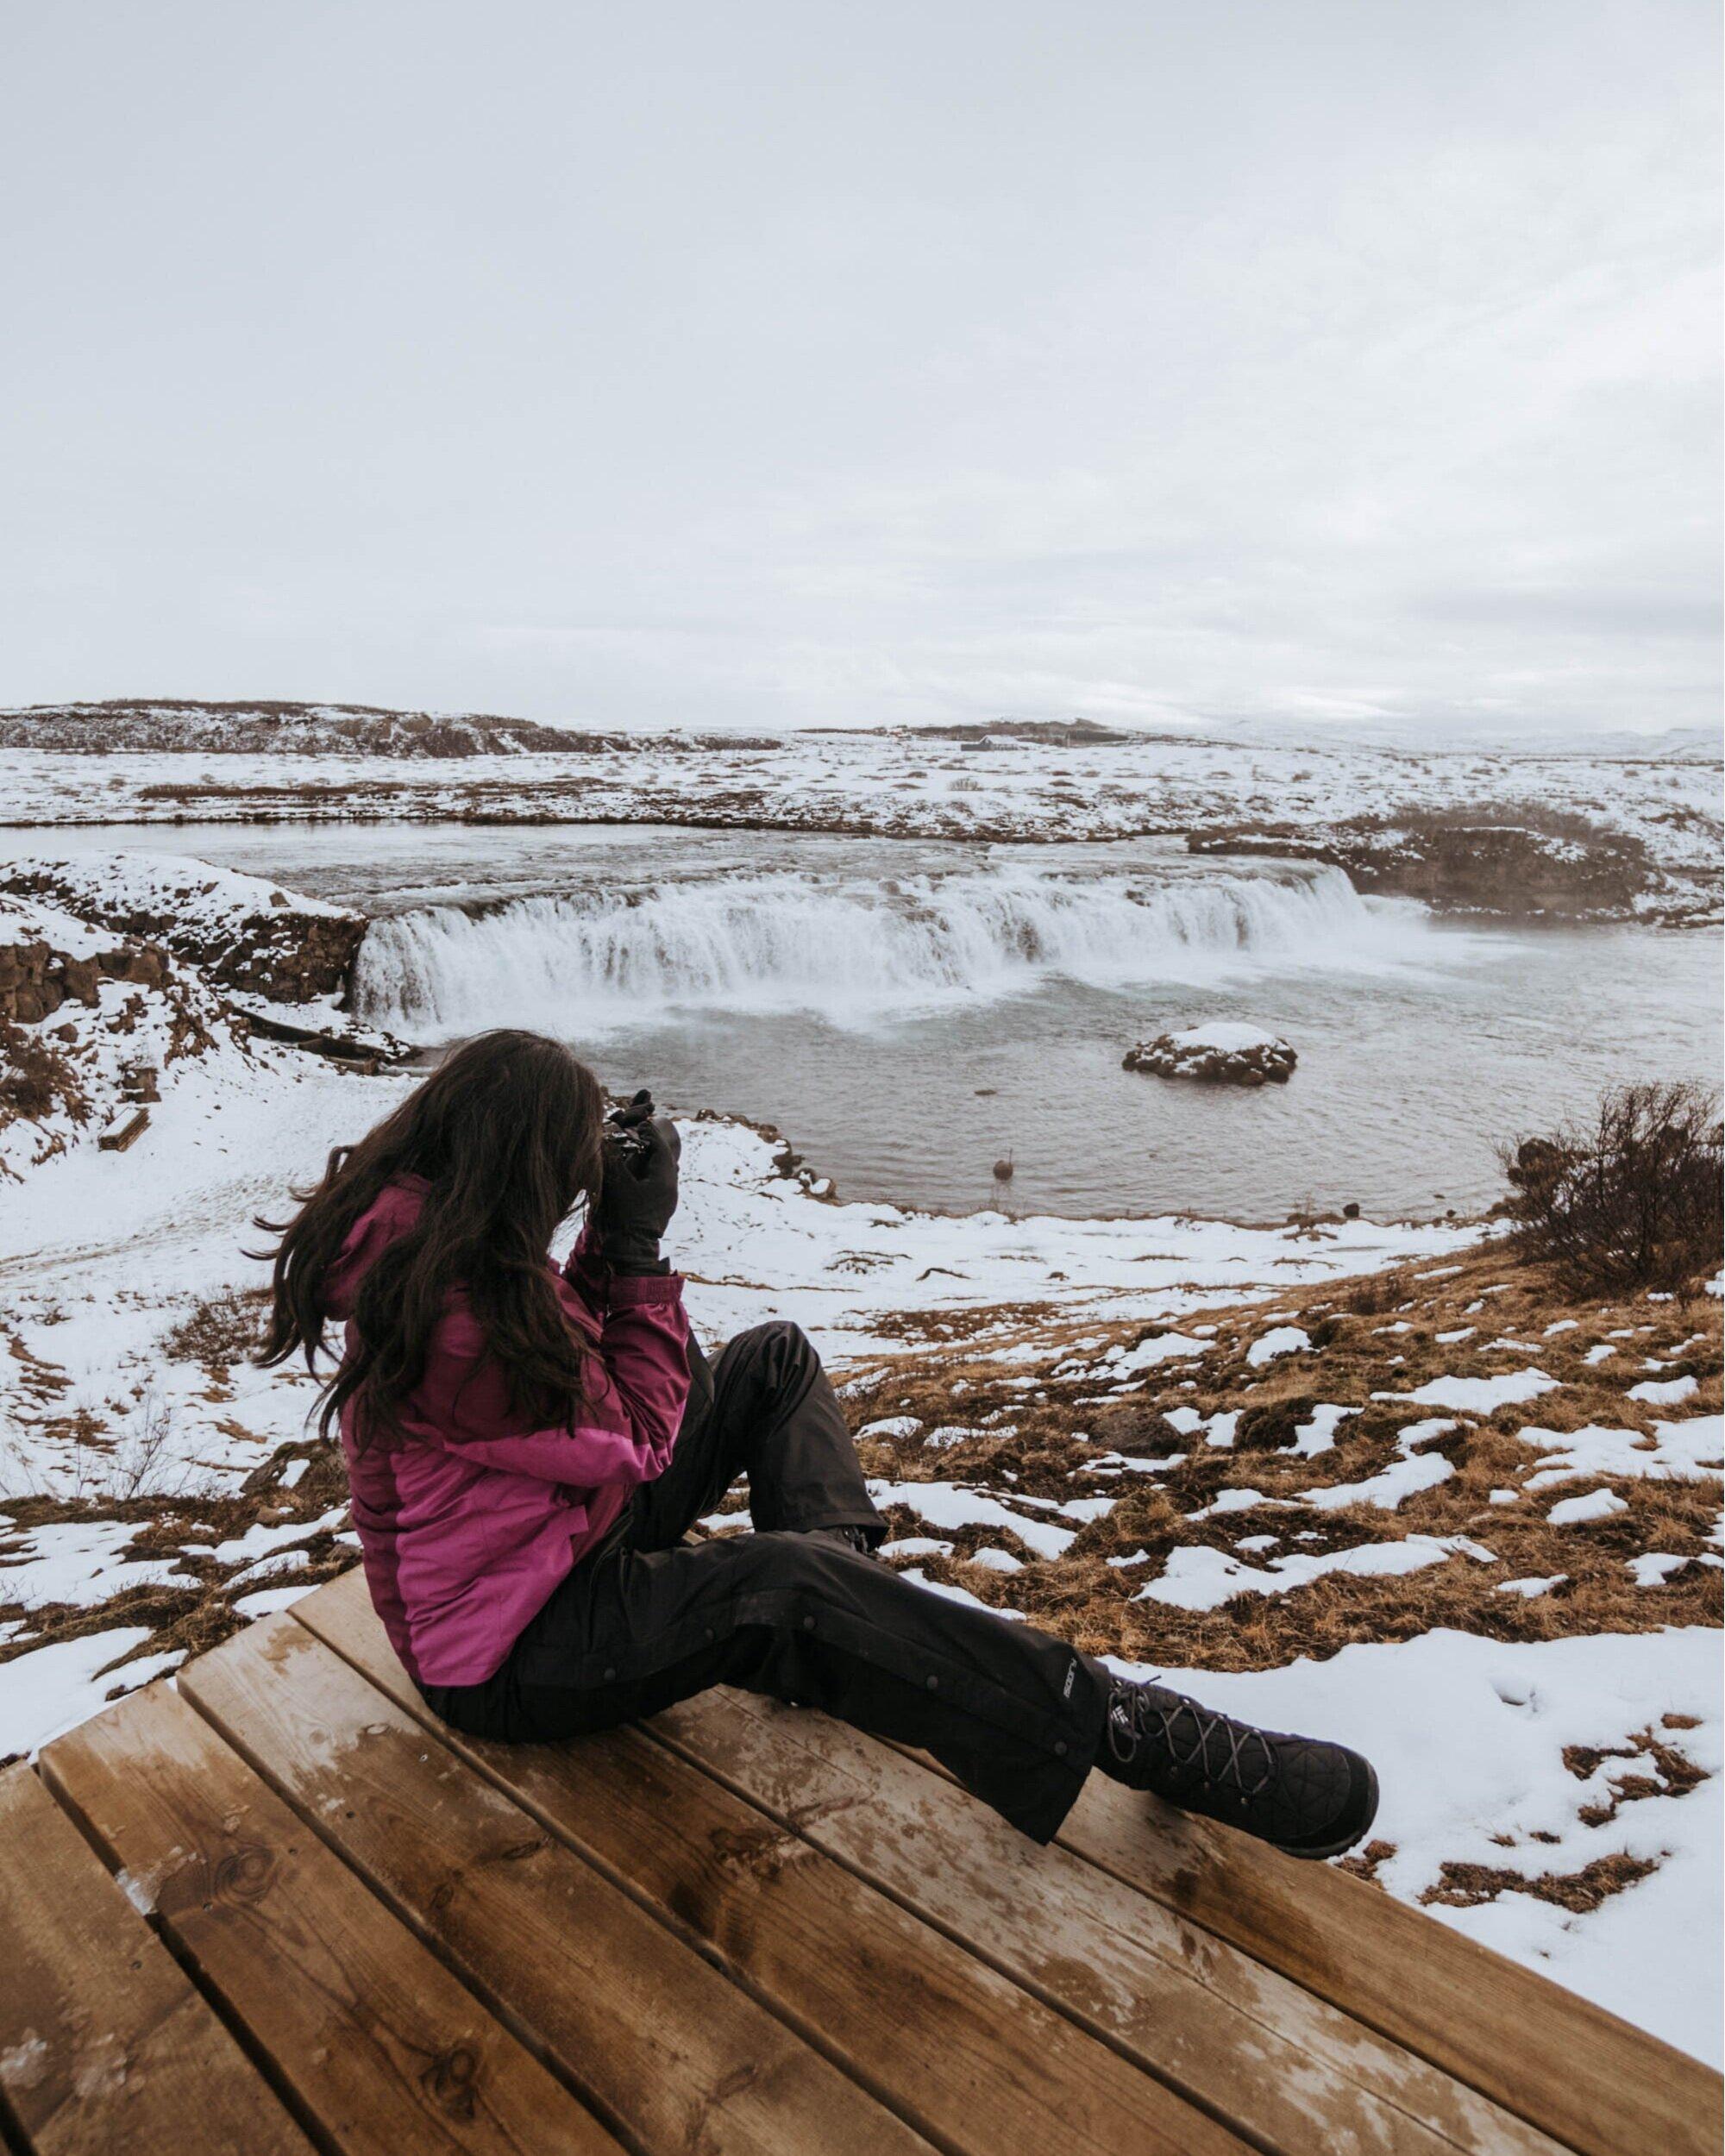 冰岛雪景中坐在木制平台上拍摄格尔福斯瀑布的女孩